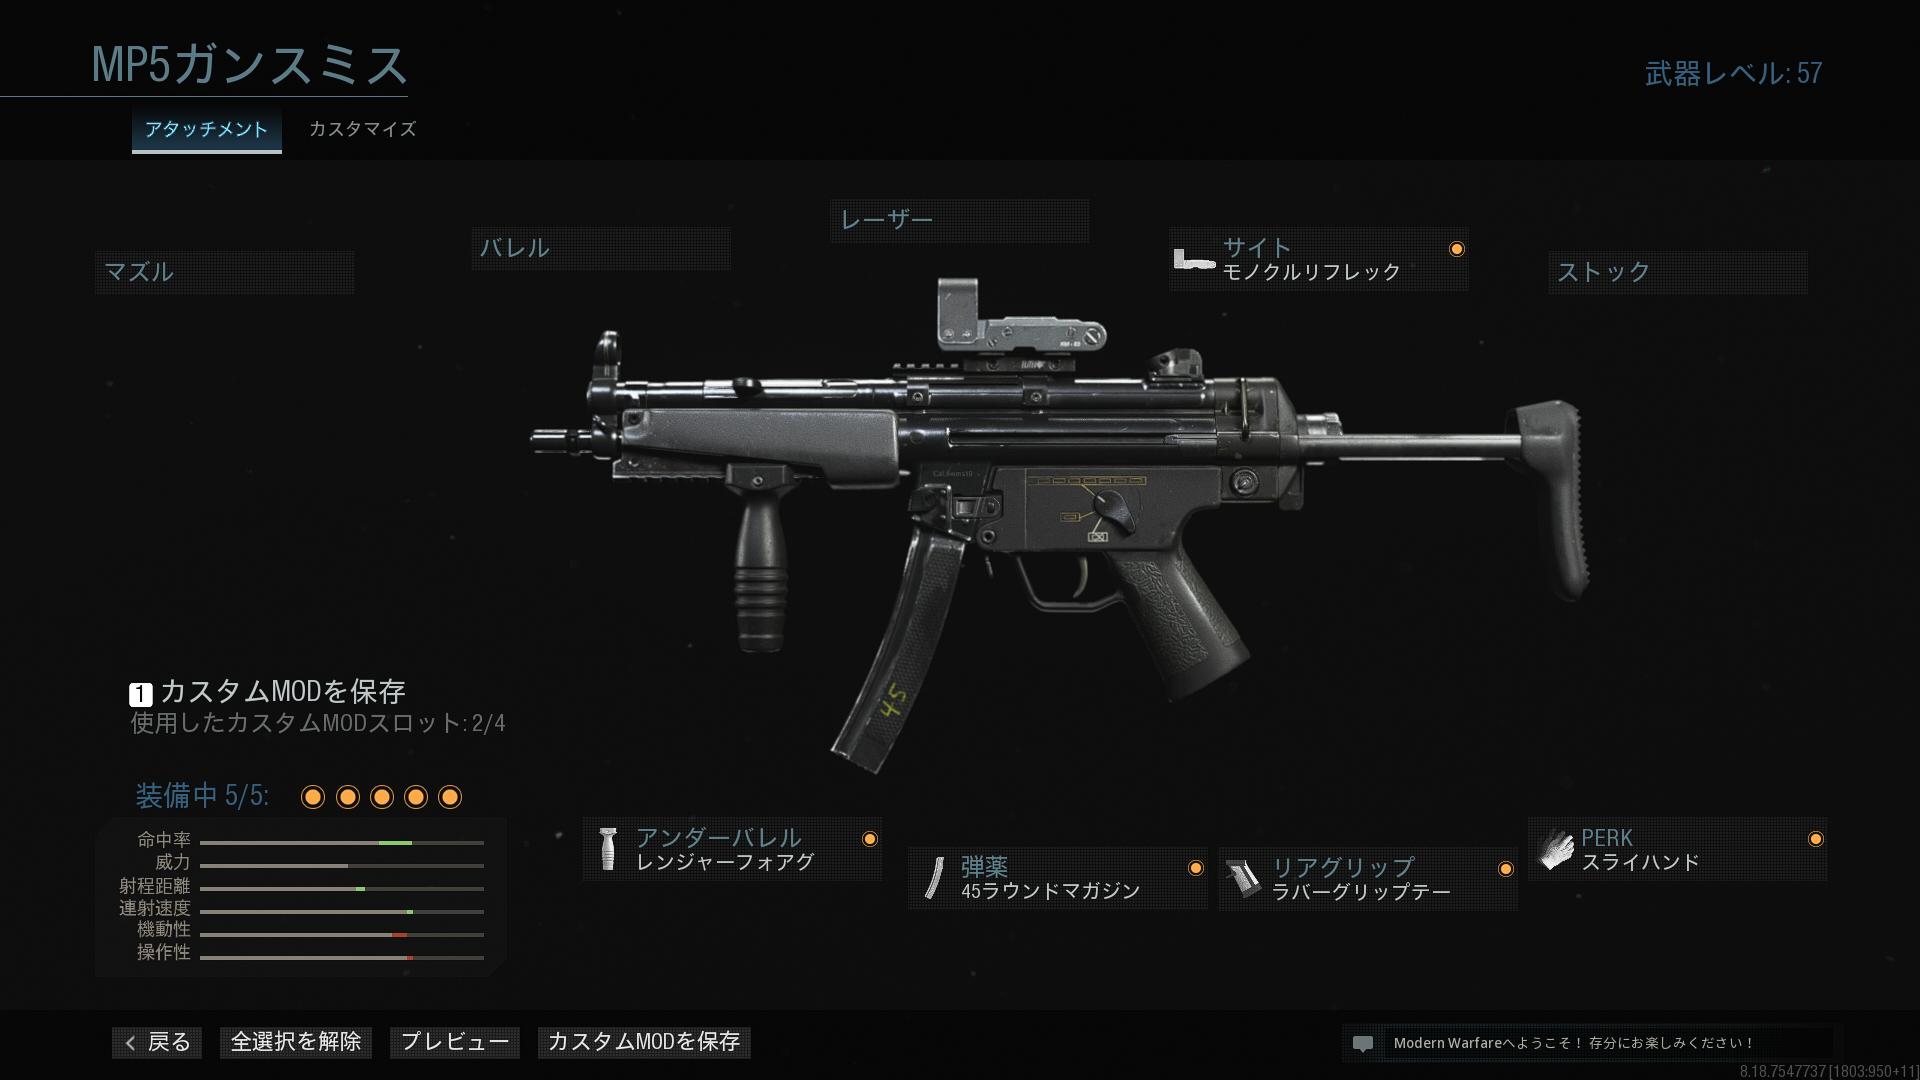 MP5FSB.jpg